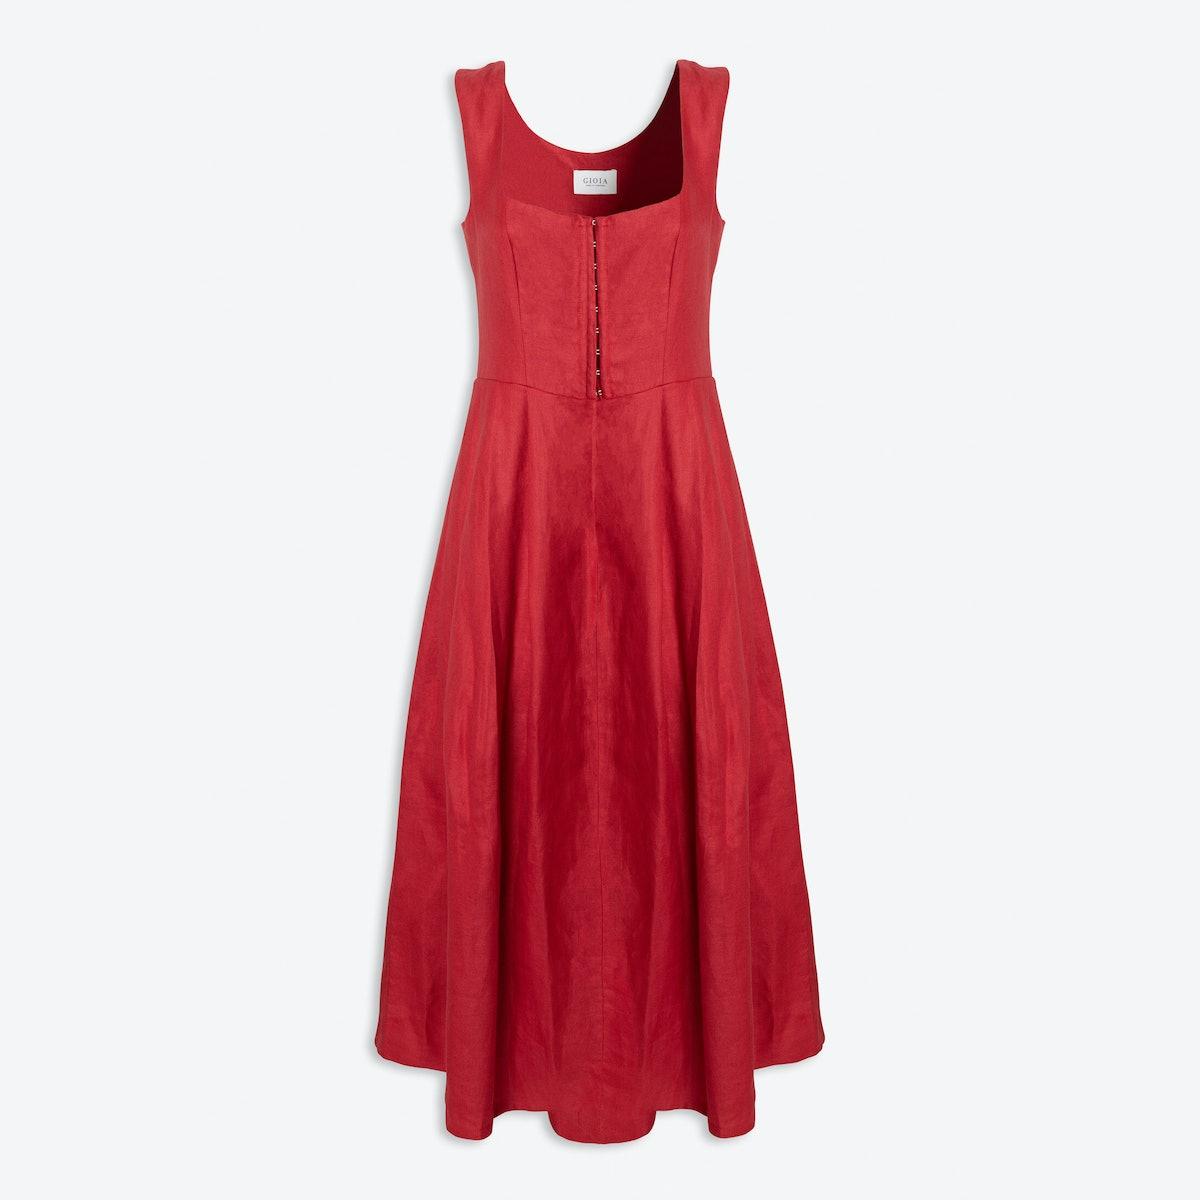 Gioia Bini Chiara Dress